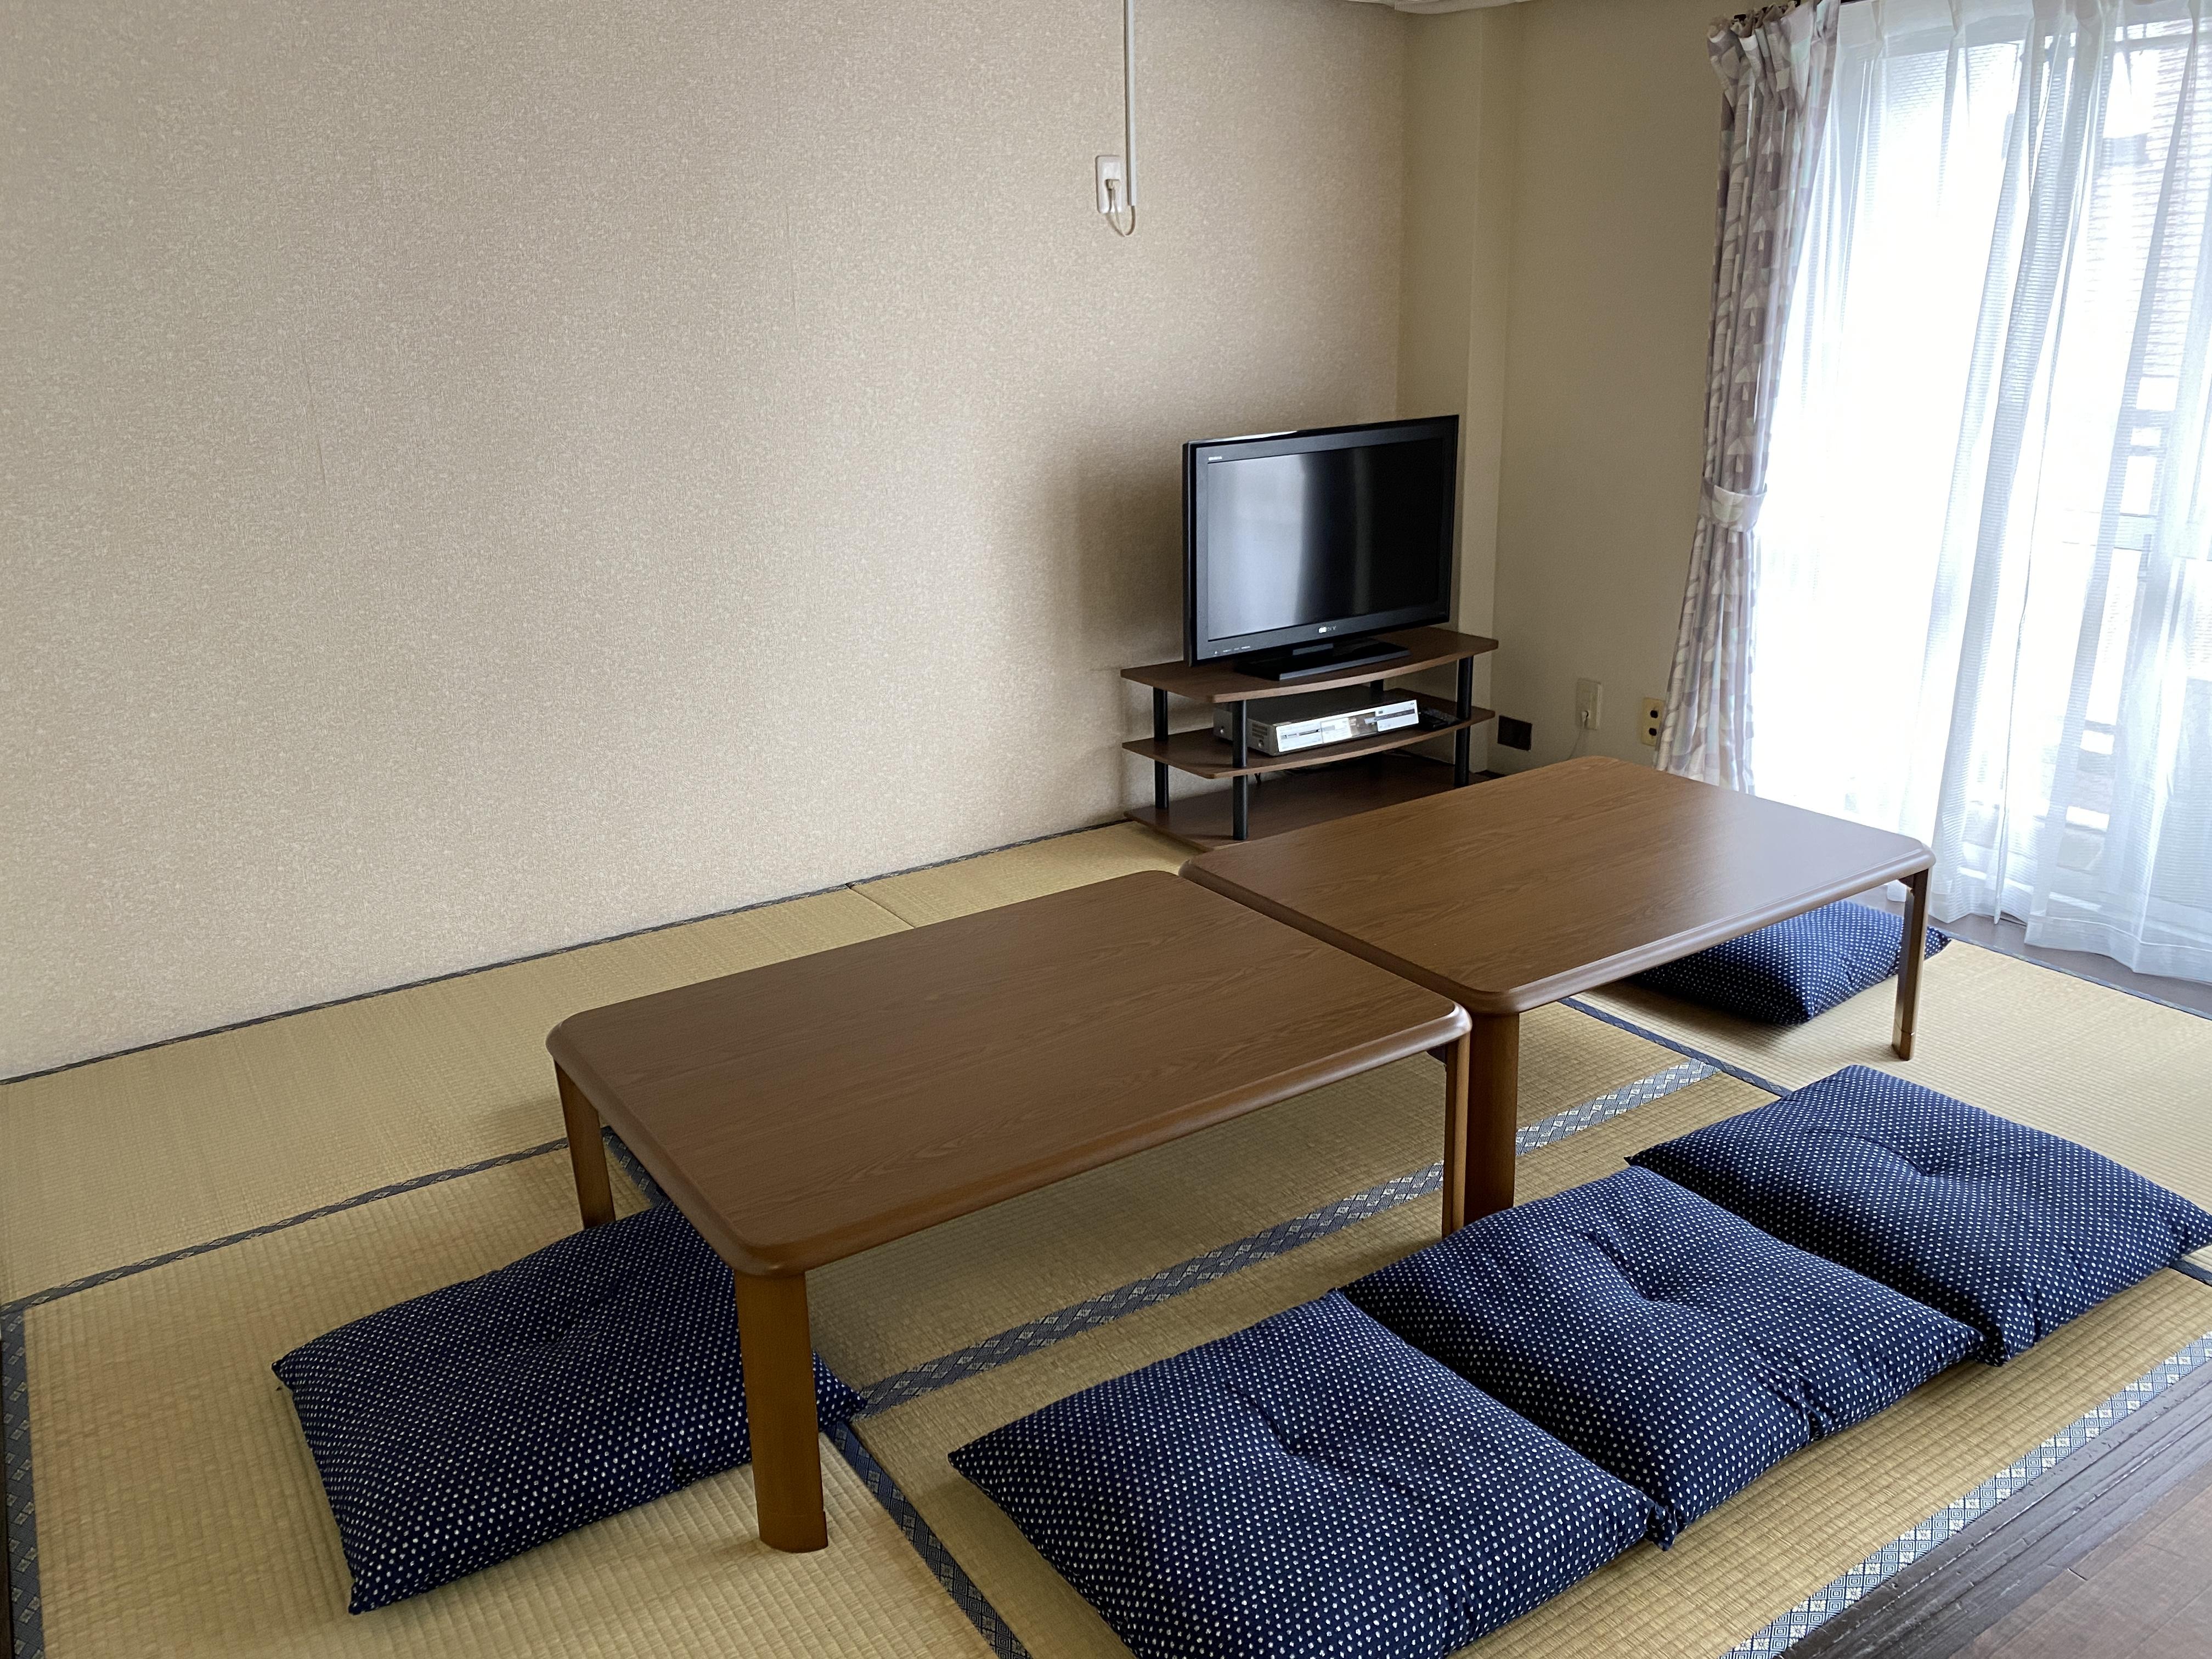 6帖の和室スペース - Coco巣鴨 3B レンタルスペースの室内の写真